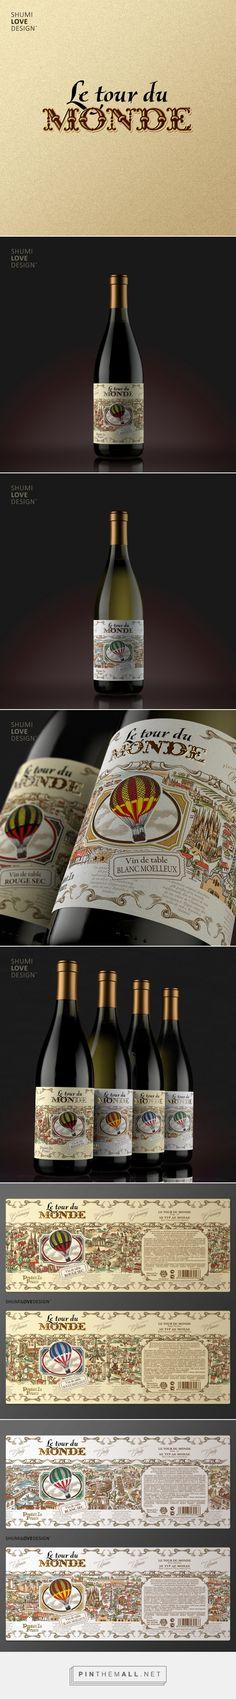 Le Tour De Monde - Packaging of the World - Creative Package Design Gallery - http://www.packagingoftheworld.com/2016/07/le-tour-de-monde.html